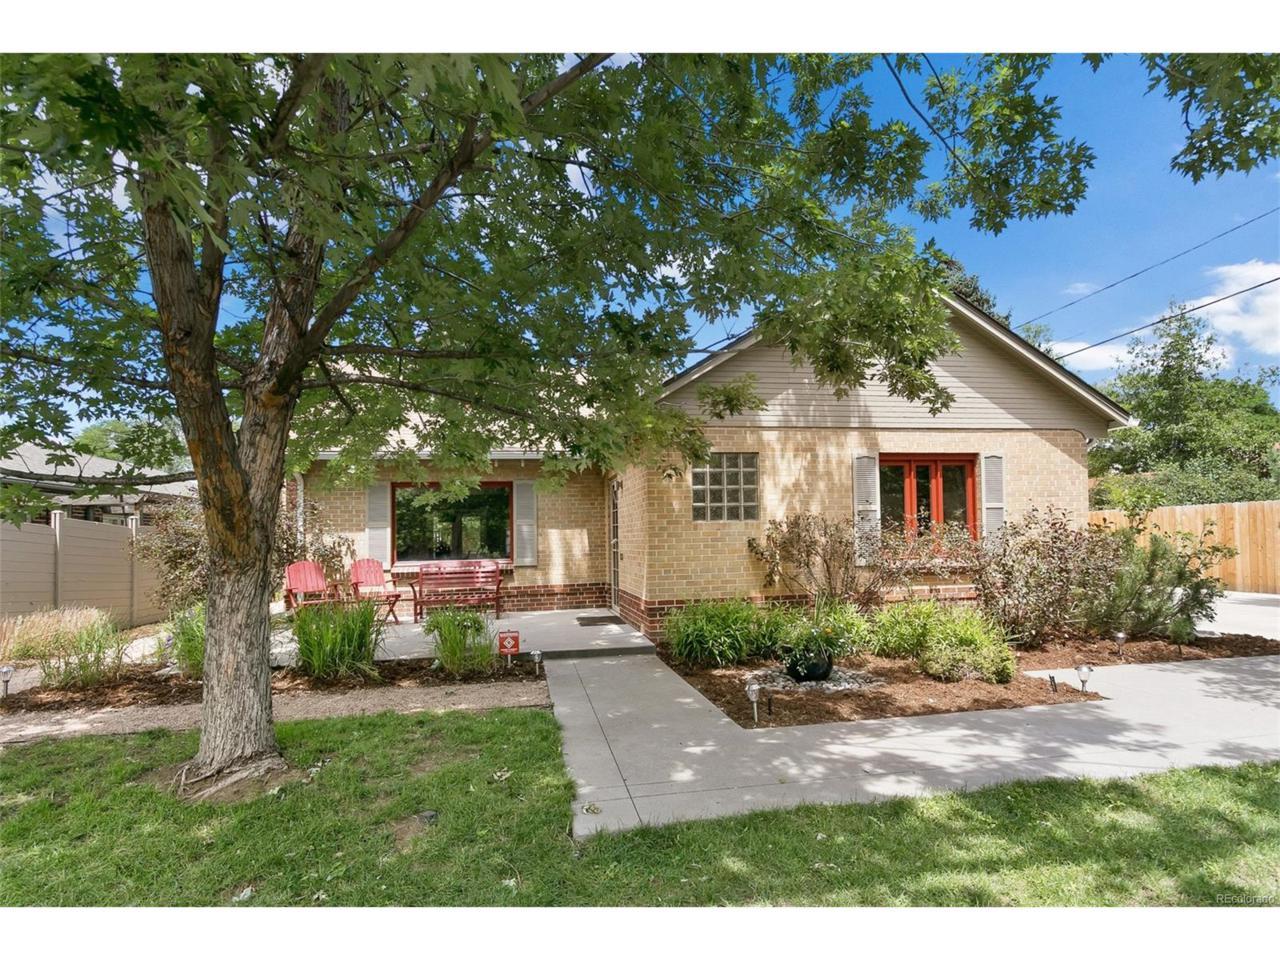 6615 E 19th Avenue, Denver, CO 80220 (MLS #9005945) :: 8z Real Estate